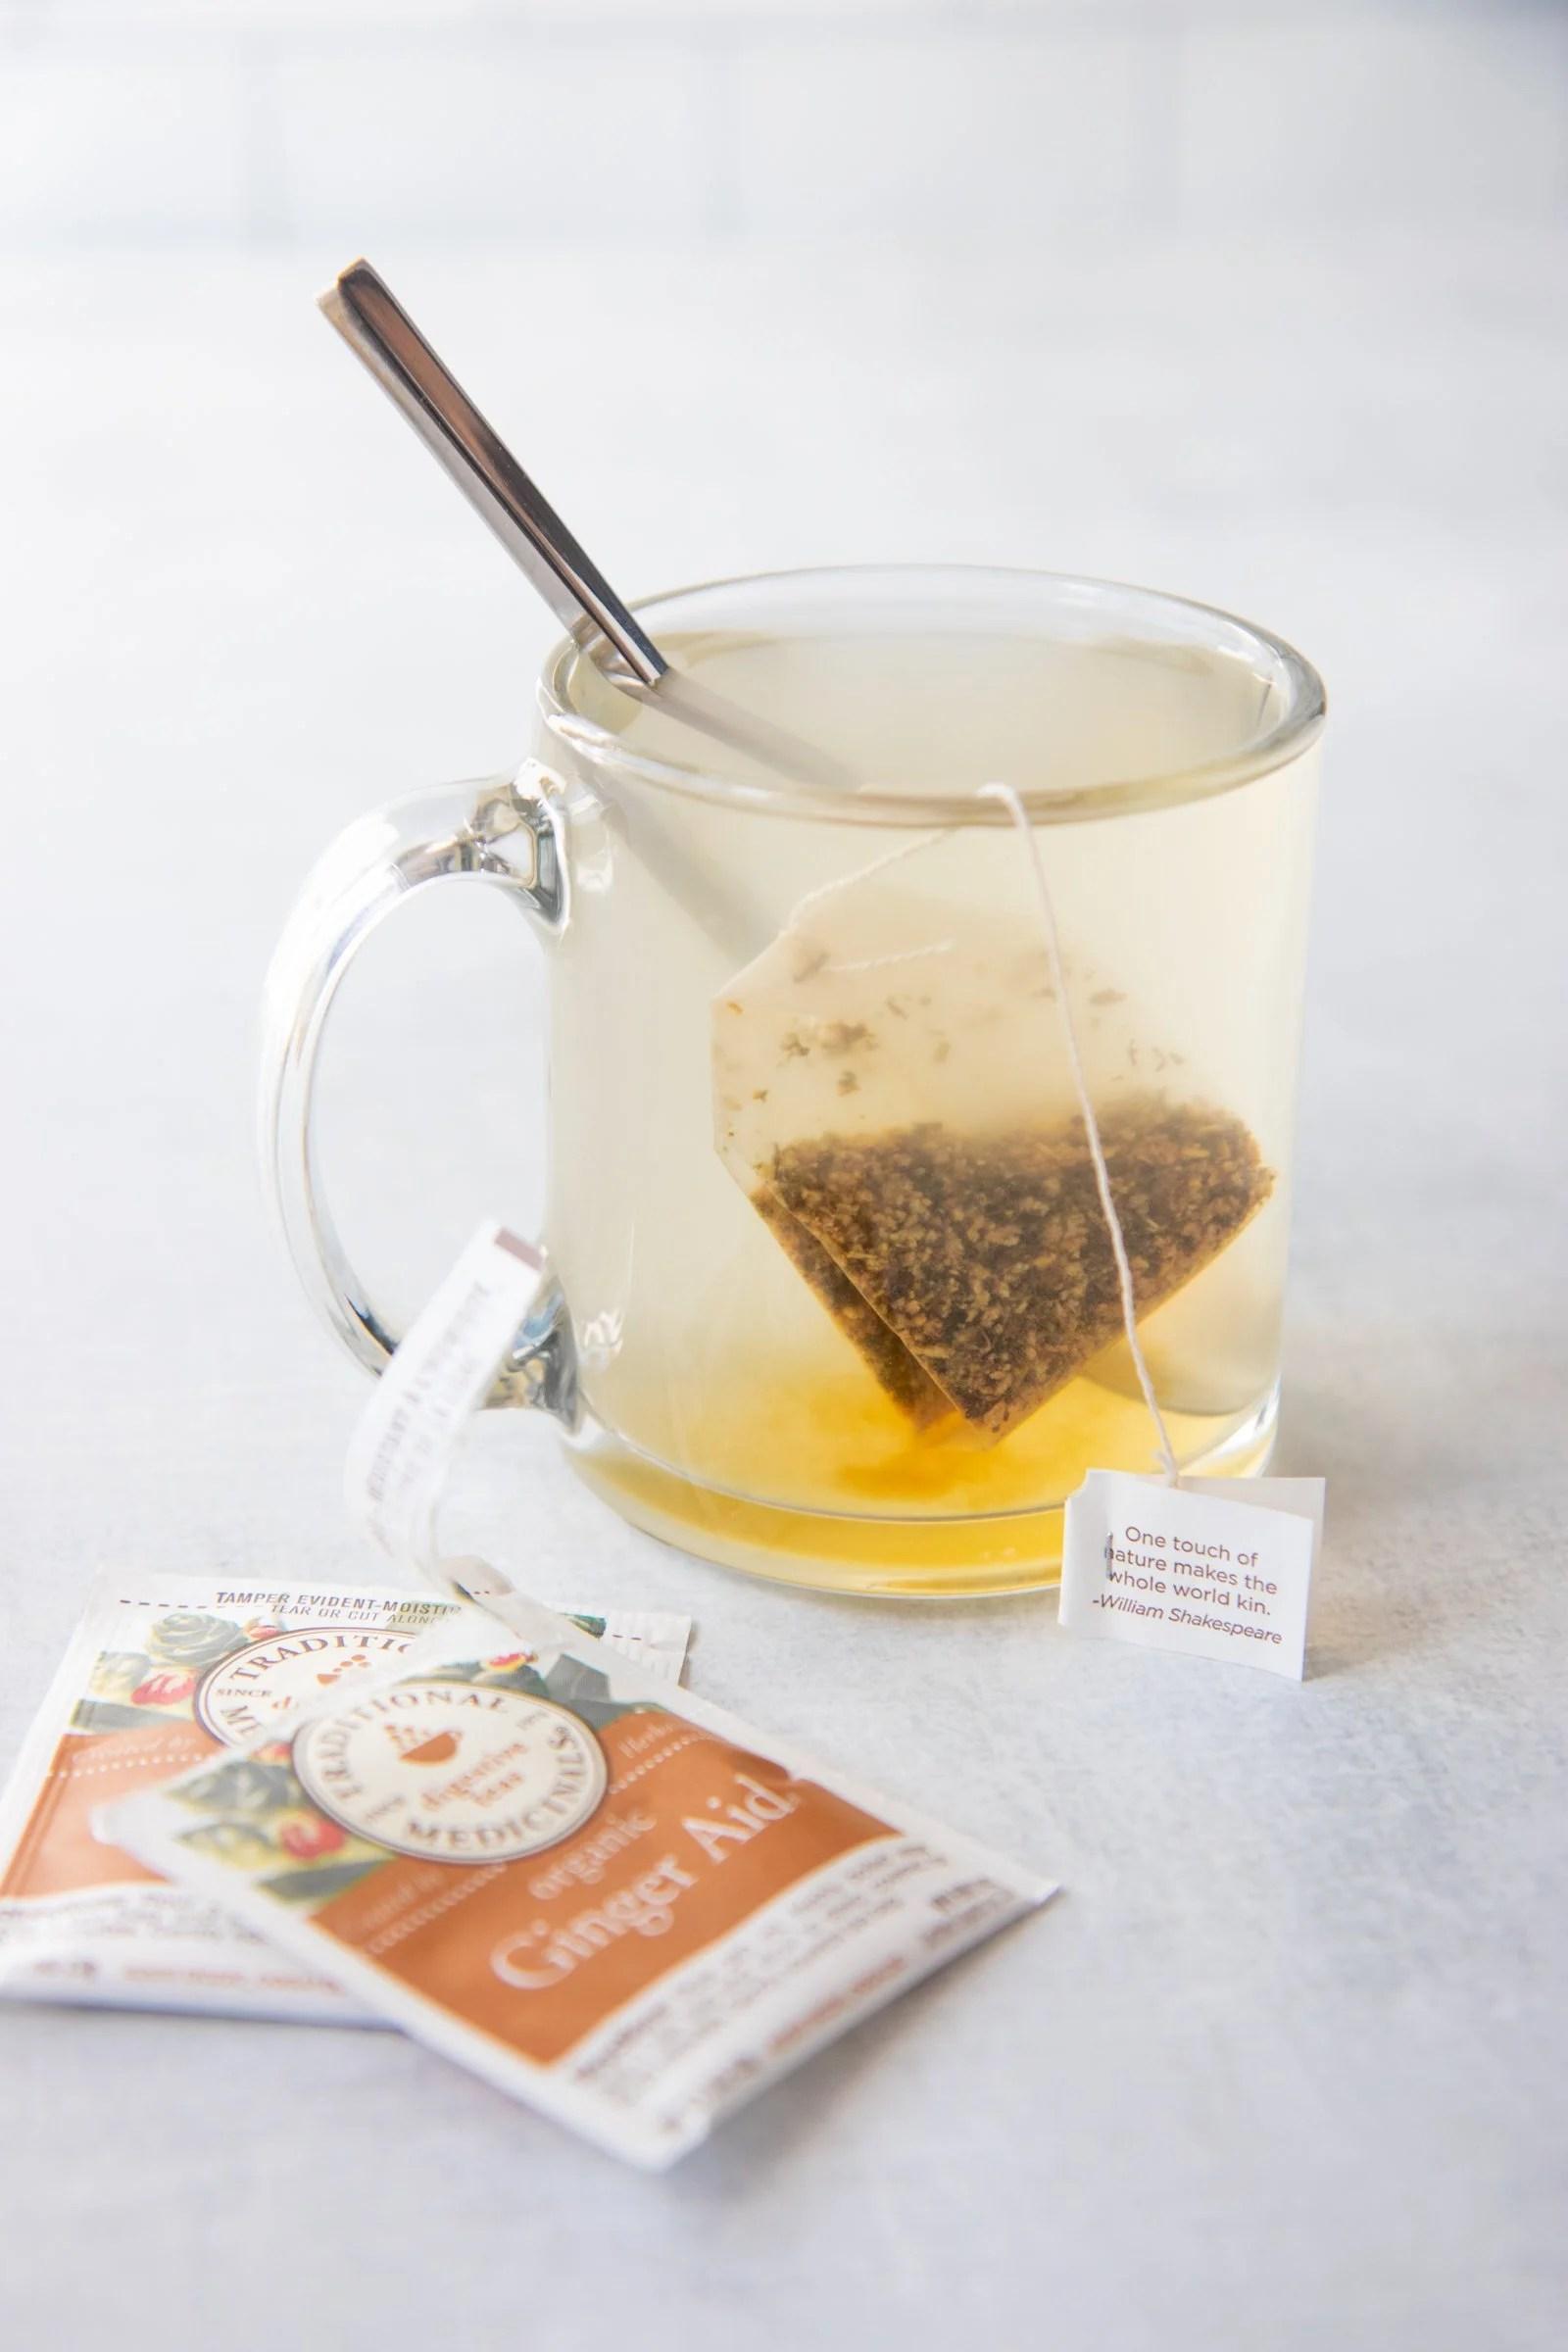 Clear glass mug full of ginger tea with a tea bag in the mug